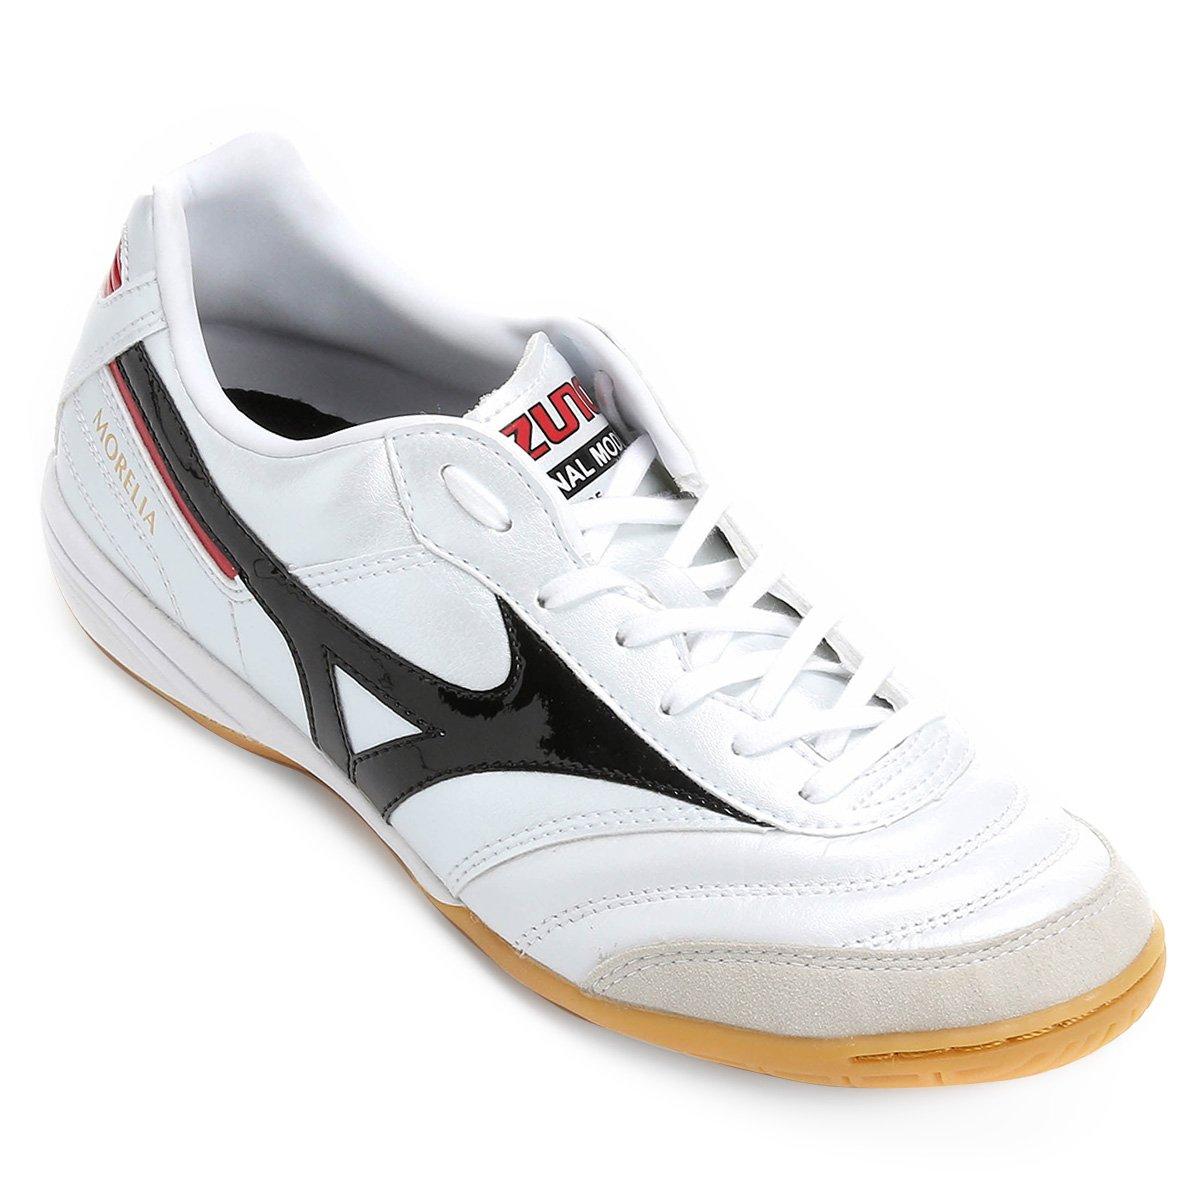 74679b7a4f Chuteira Futsal Mizuno Morelia Elite IN 2 - Branco e Preto - Compre Agora